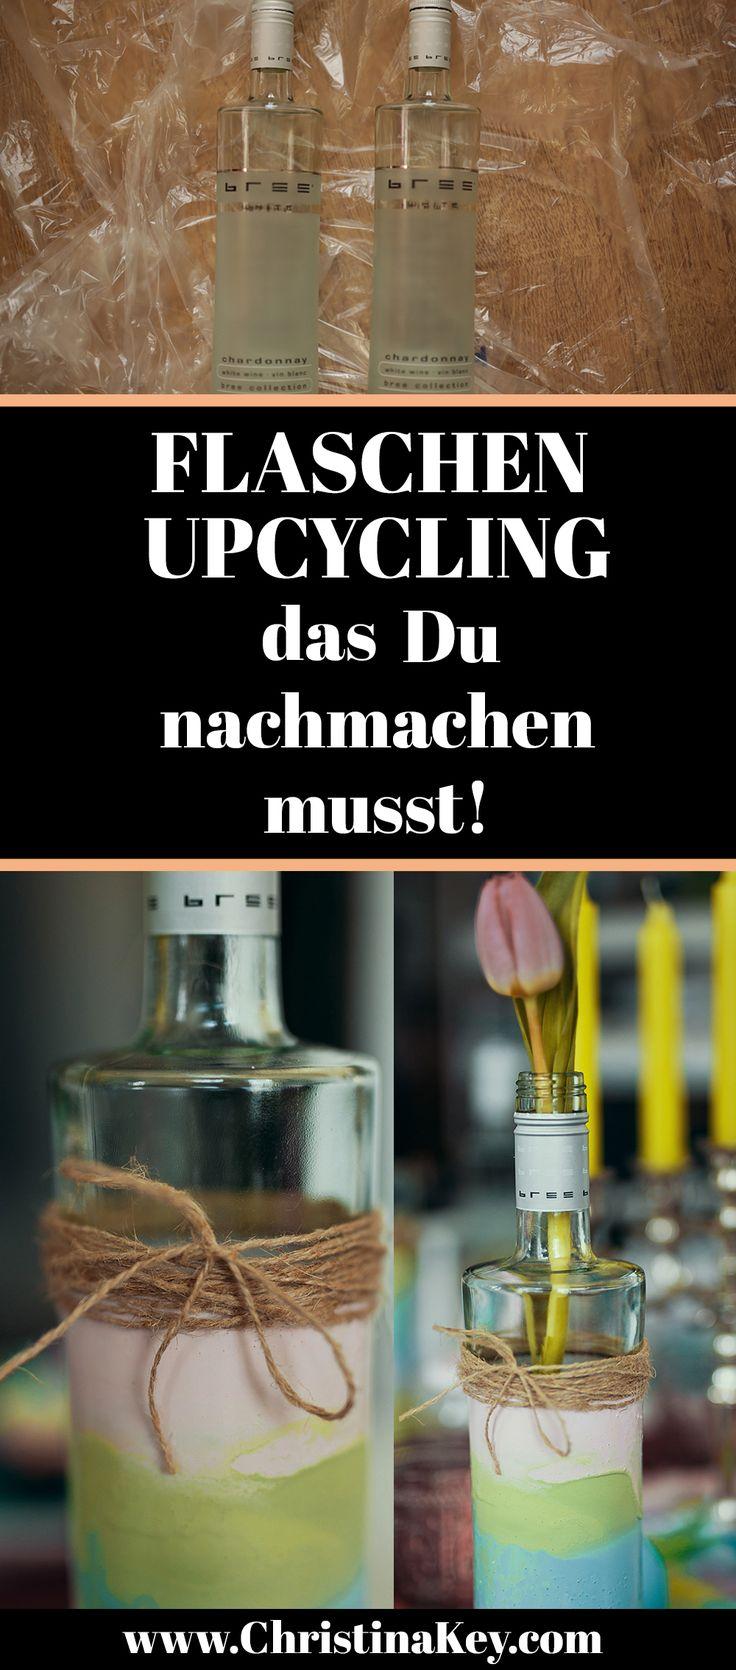 DIY Idee: Kreatives Flaschen Upcycling, das Du einfach nachmachen musst! // Jetzt weitere DIYs und Tipps zur Fotografie und dem Thema Blog und Bloggen auf CHRISTINA KEY nachlesen - dem Fotografie-, Mode-, Food und Lifestyle Blog aus Berlin